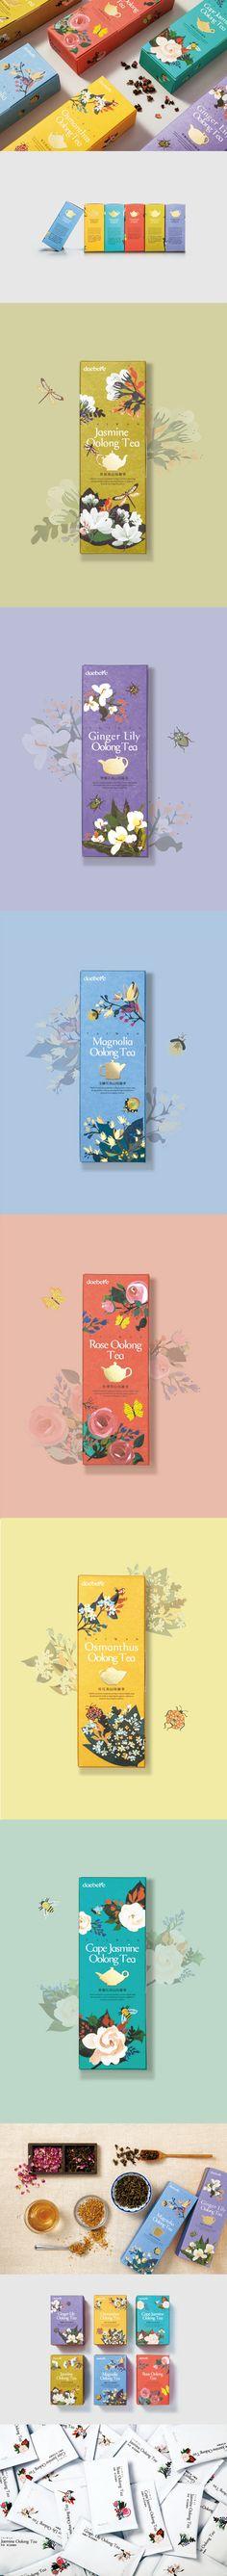 窨花茶系列包装